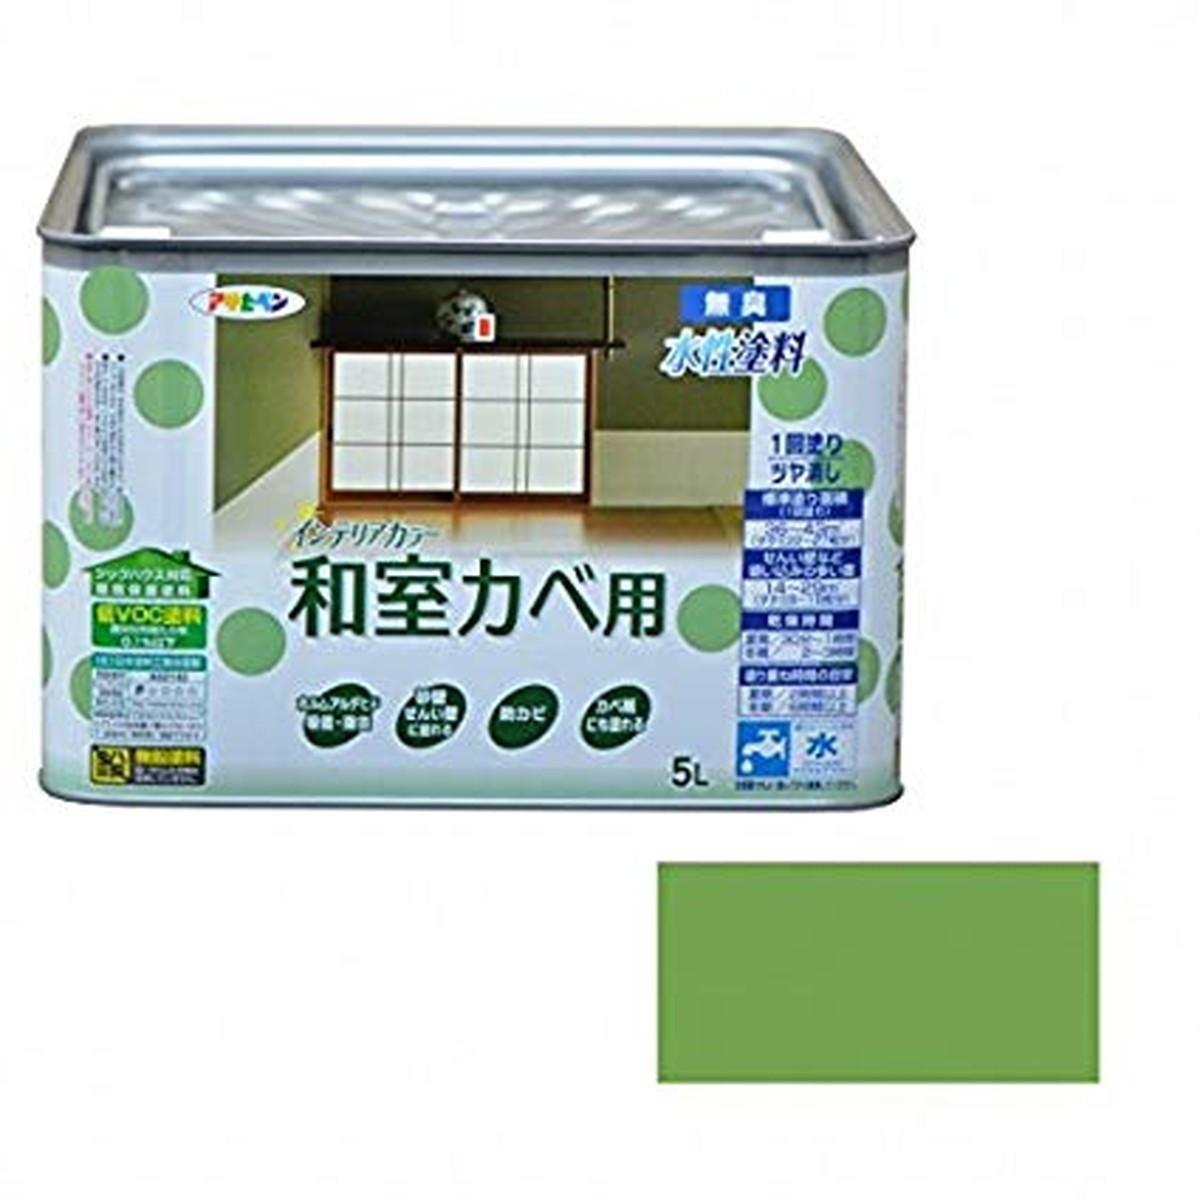 アサヒペン NEW水性インテリアカラー 和室カベ用 5L 宇治色【クーポン配布中】